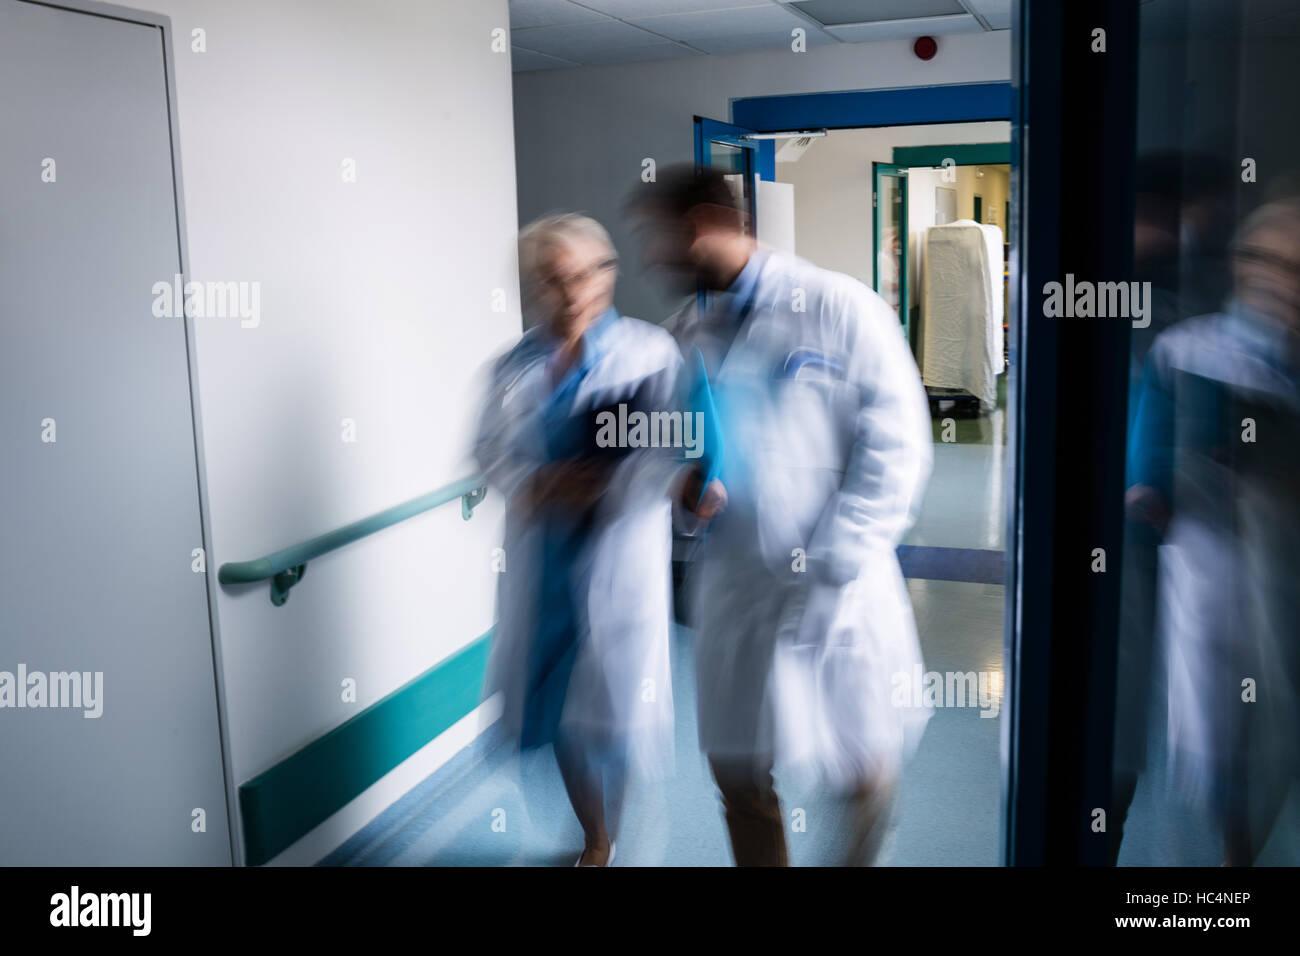 Blur view of doctors walking in corridor - Stock Image